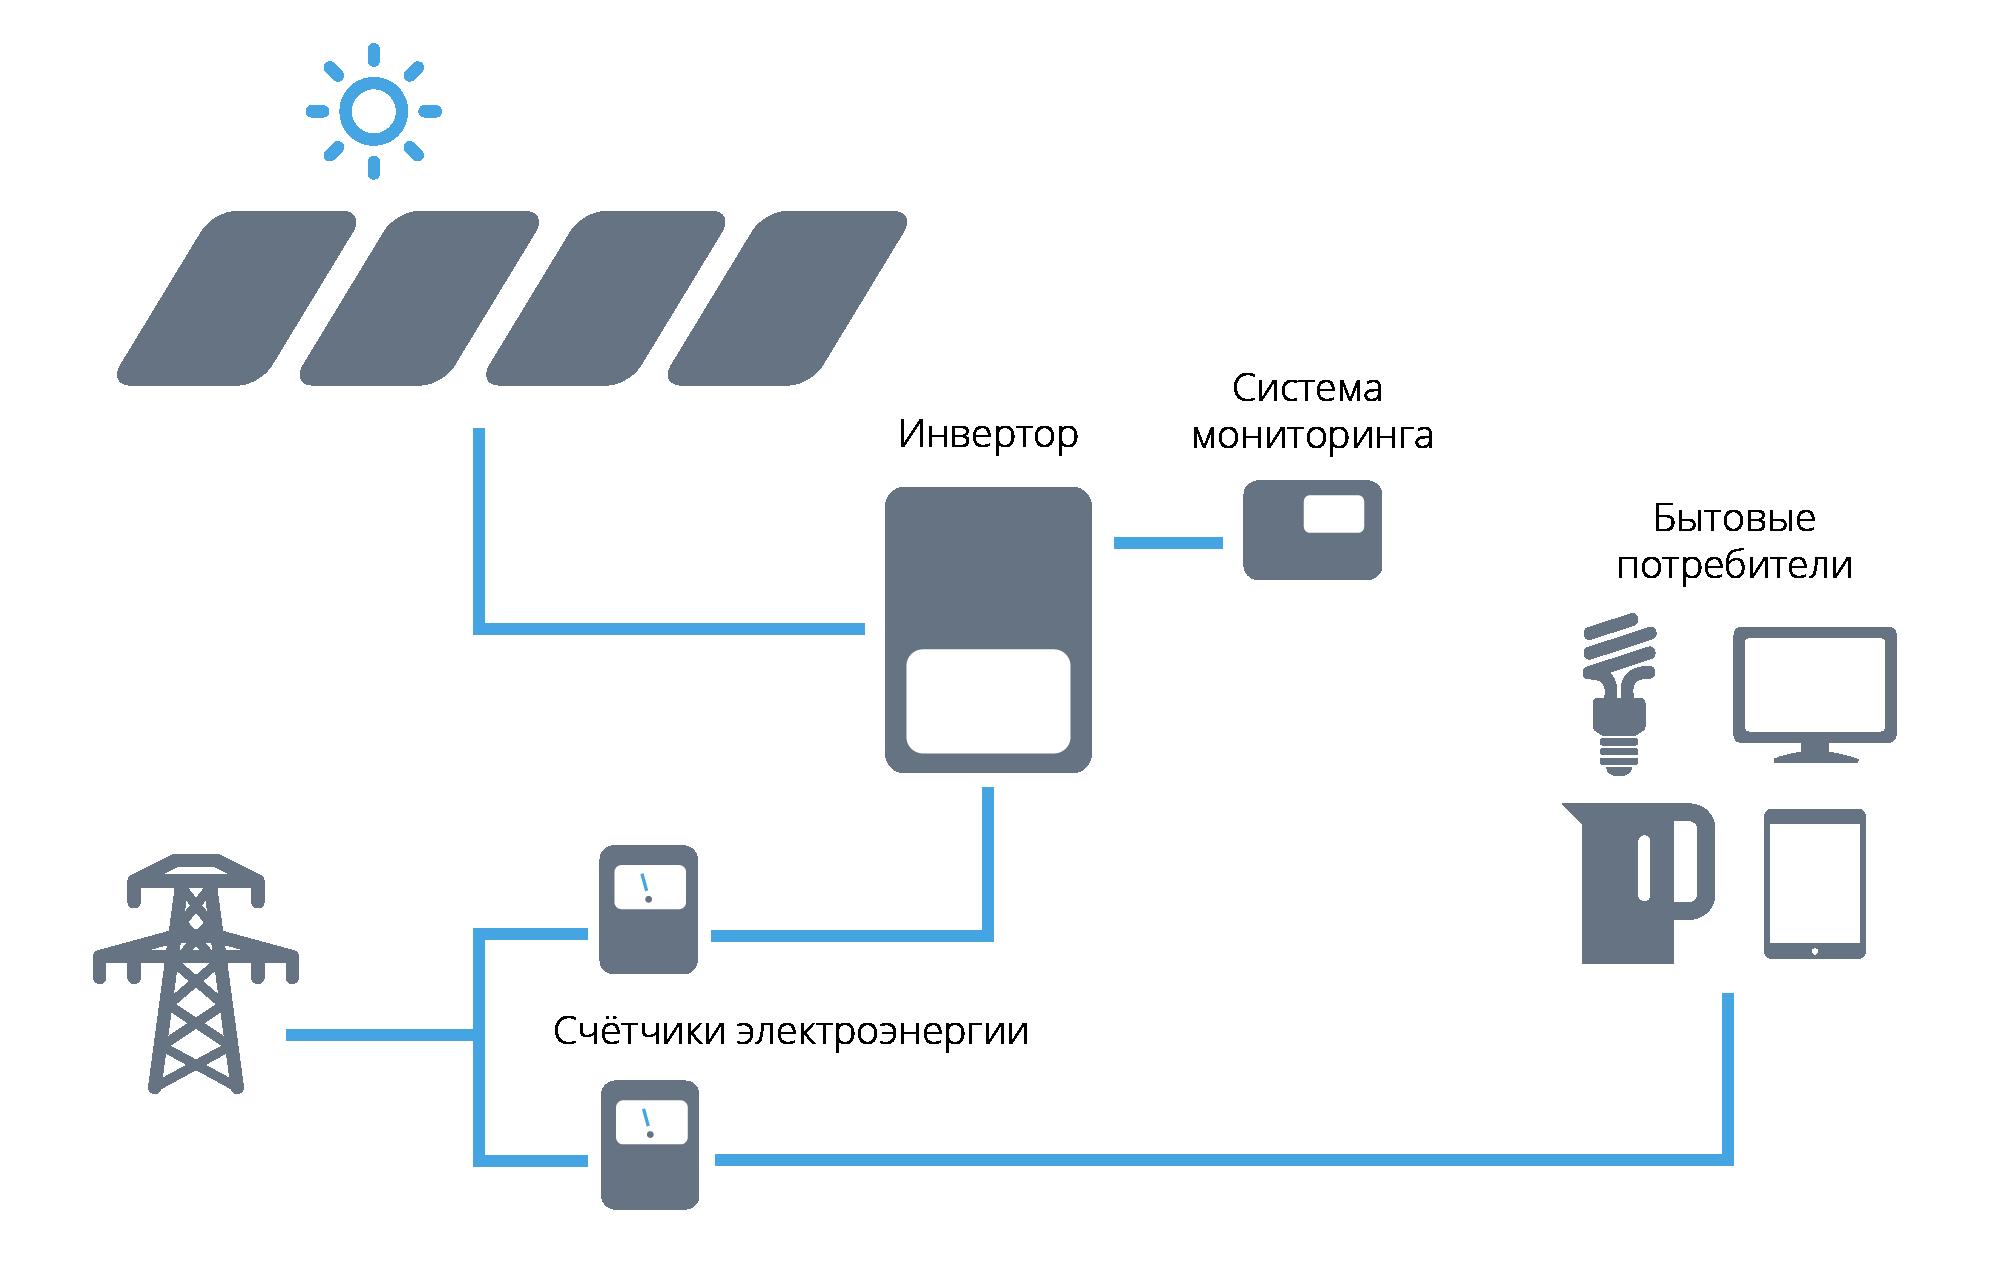 Схема работы солнечной электростанции по зелёному тарифу